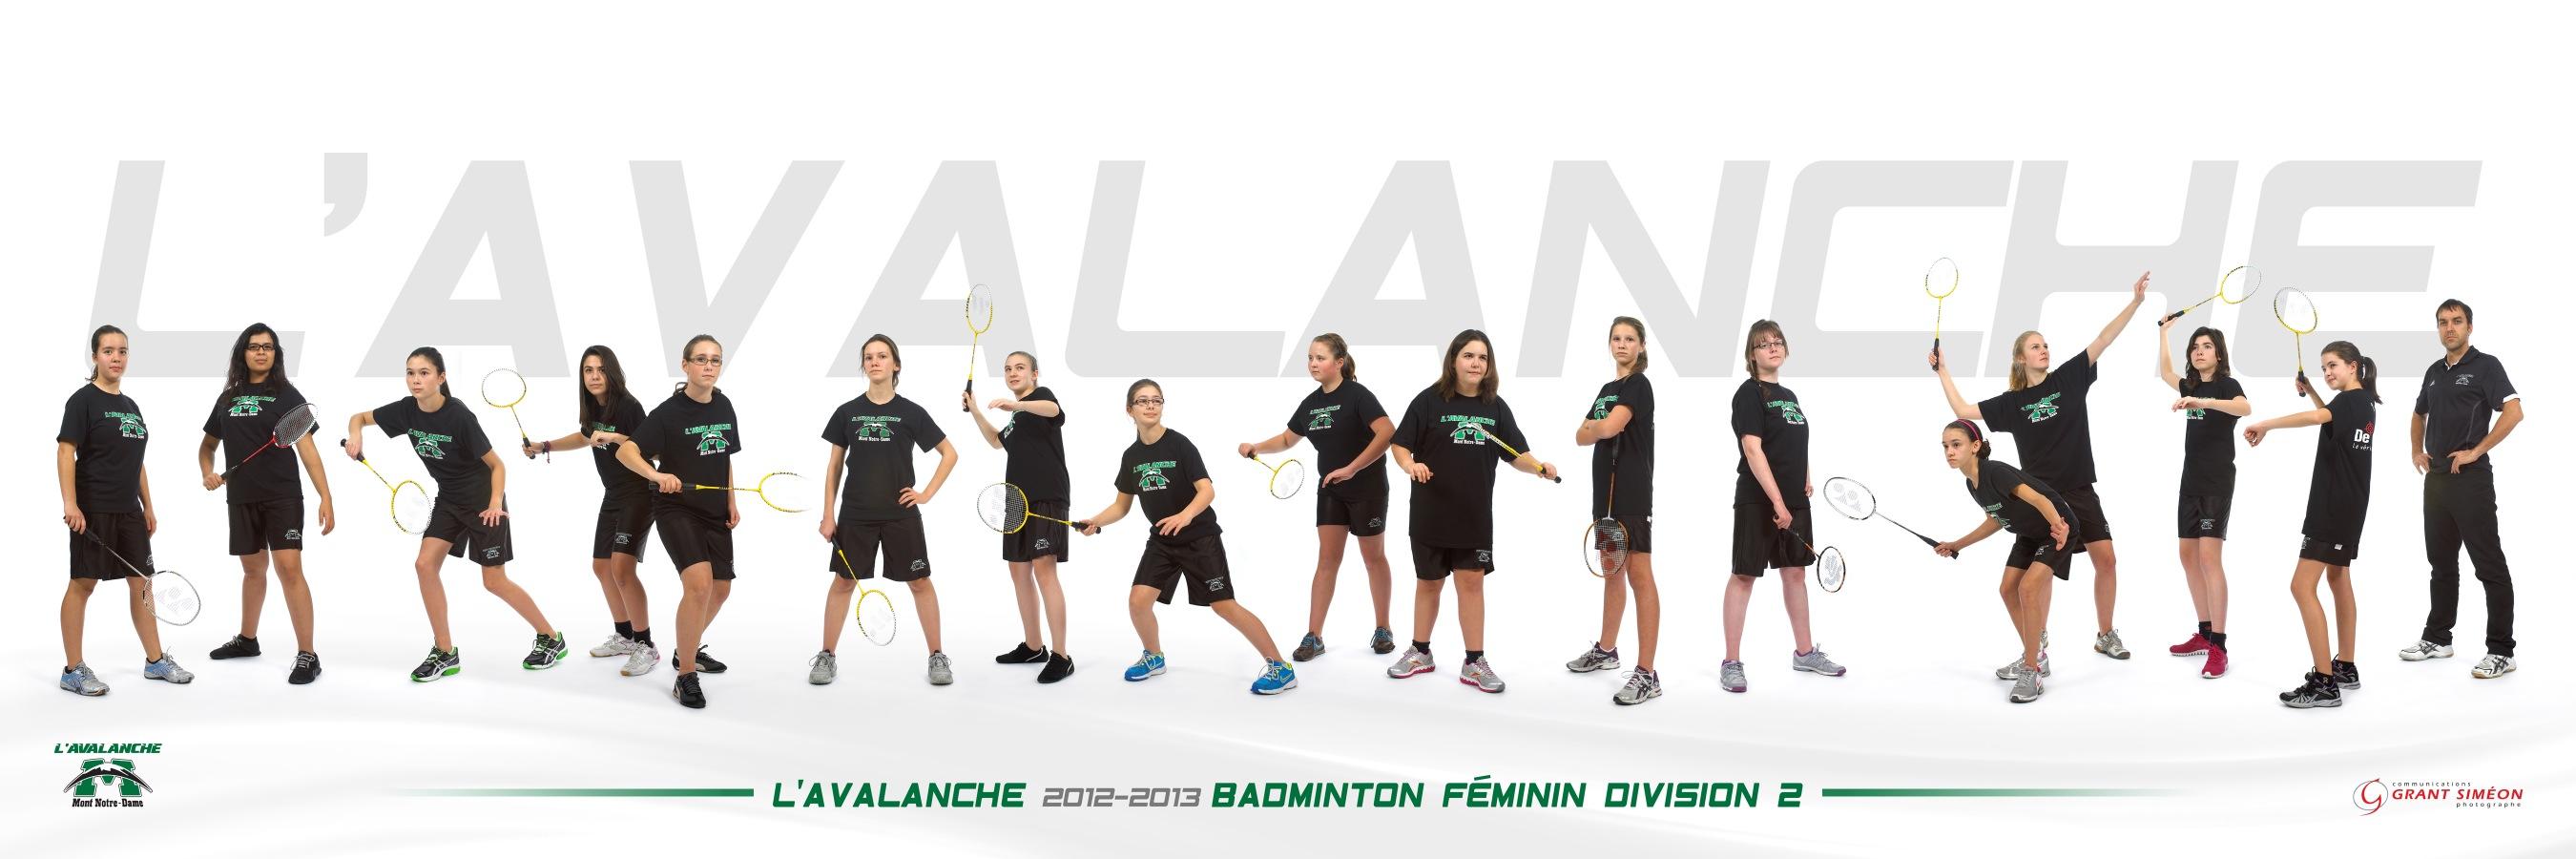 badminton division 2